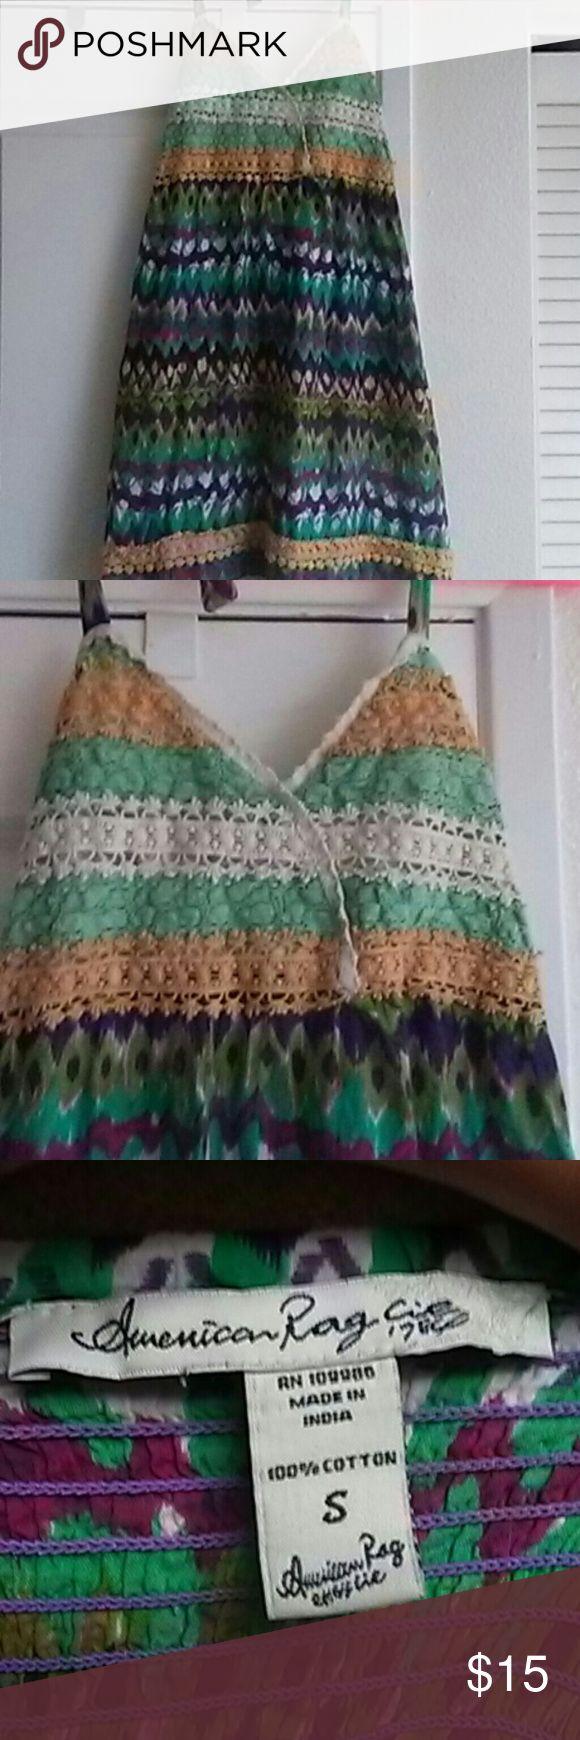 American. Rag halter dreas size. S Very gently used American Rag halter dress multicolored very very cute American Rag Dresses